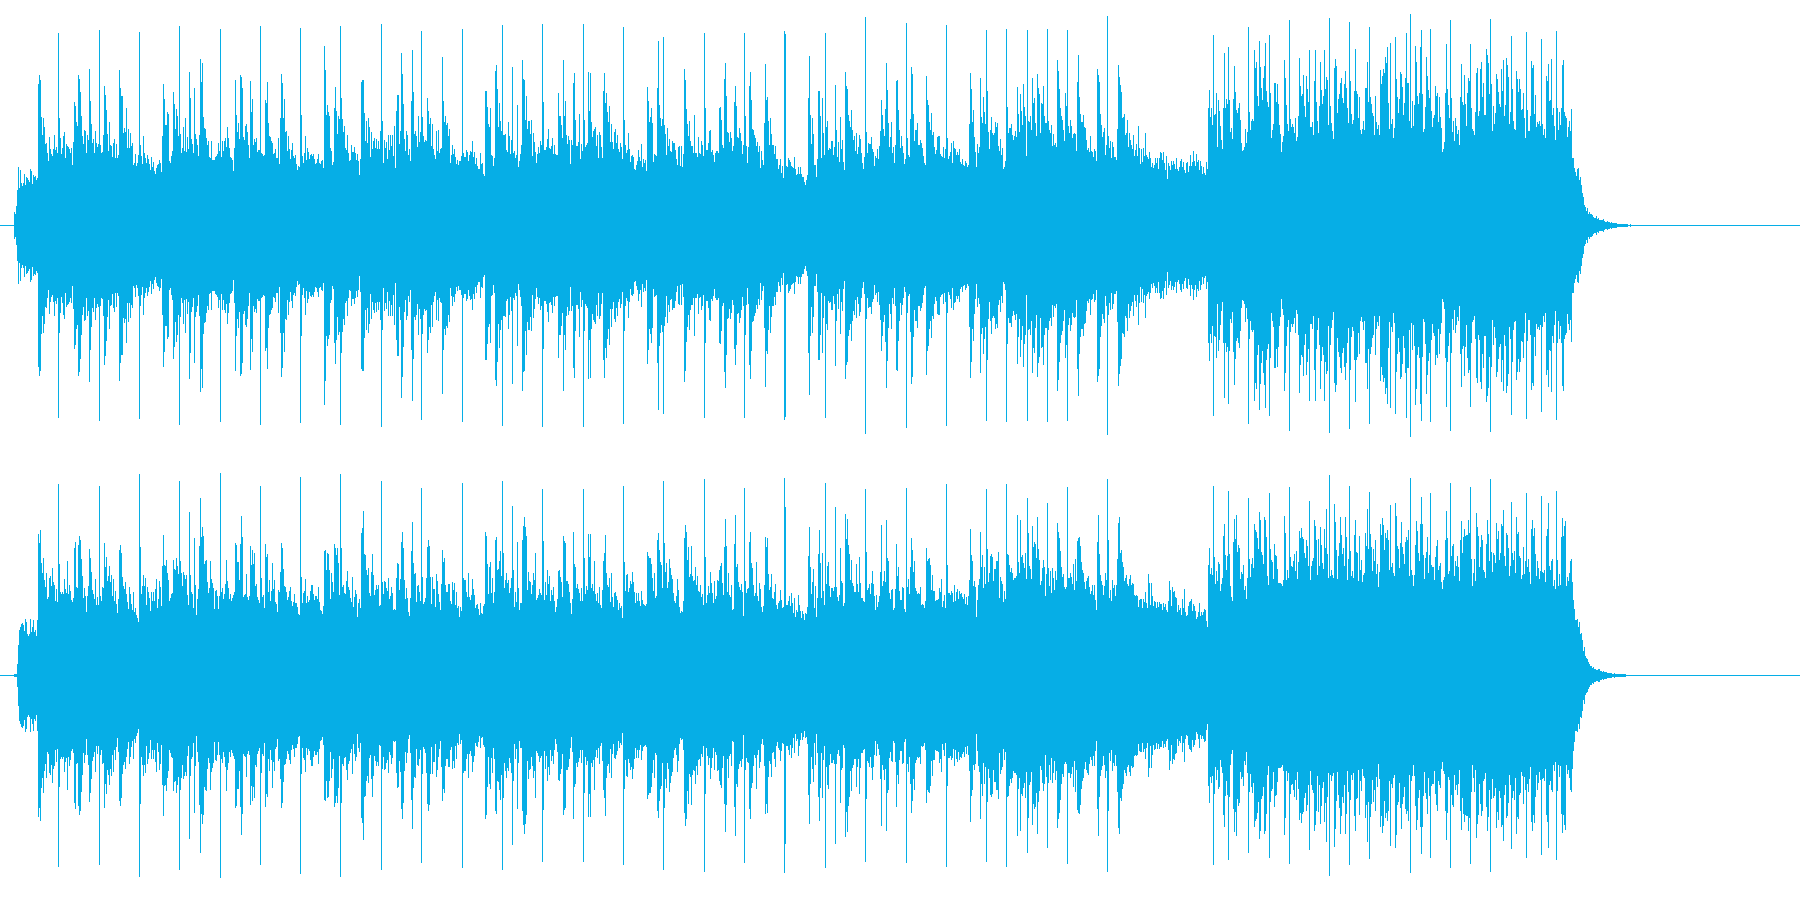 エネルギッシュな唸るギターのハードロックの再生済みの波形